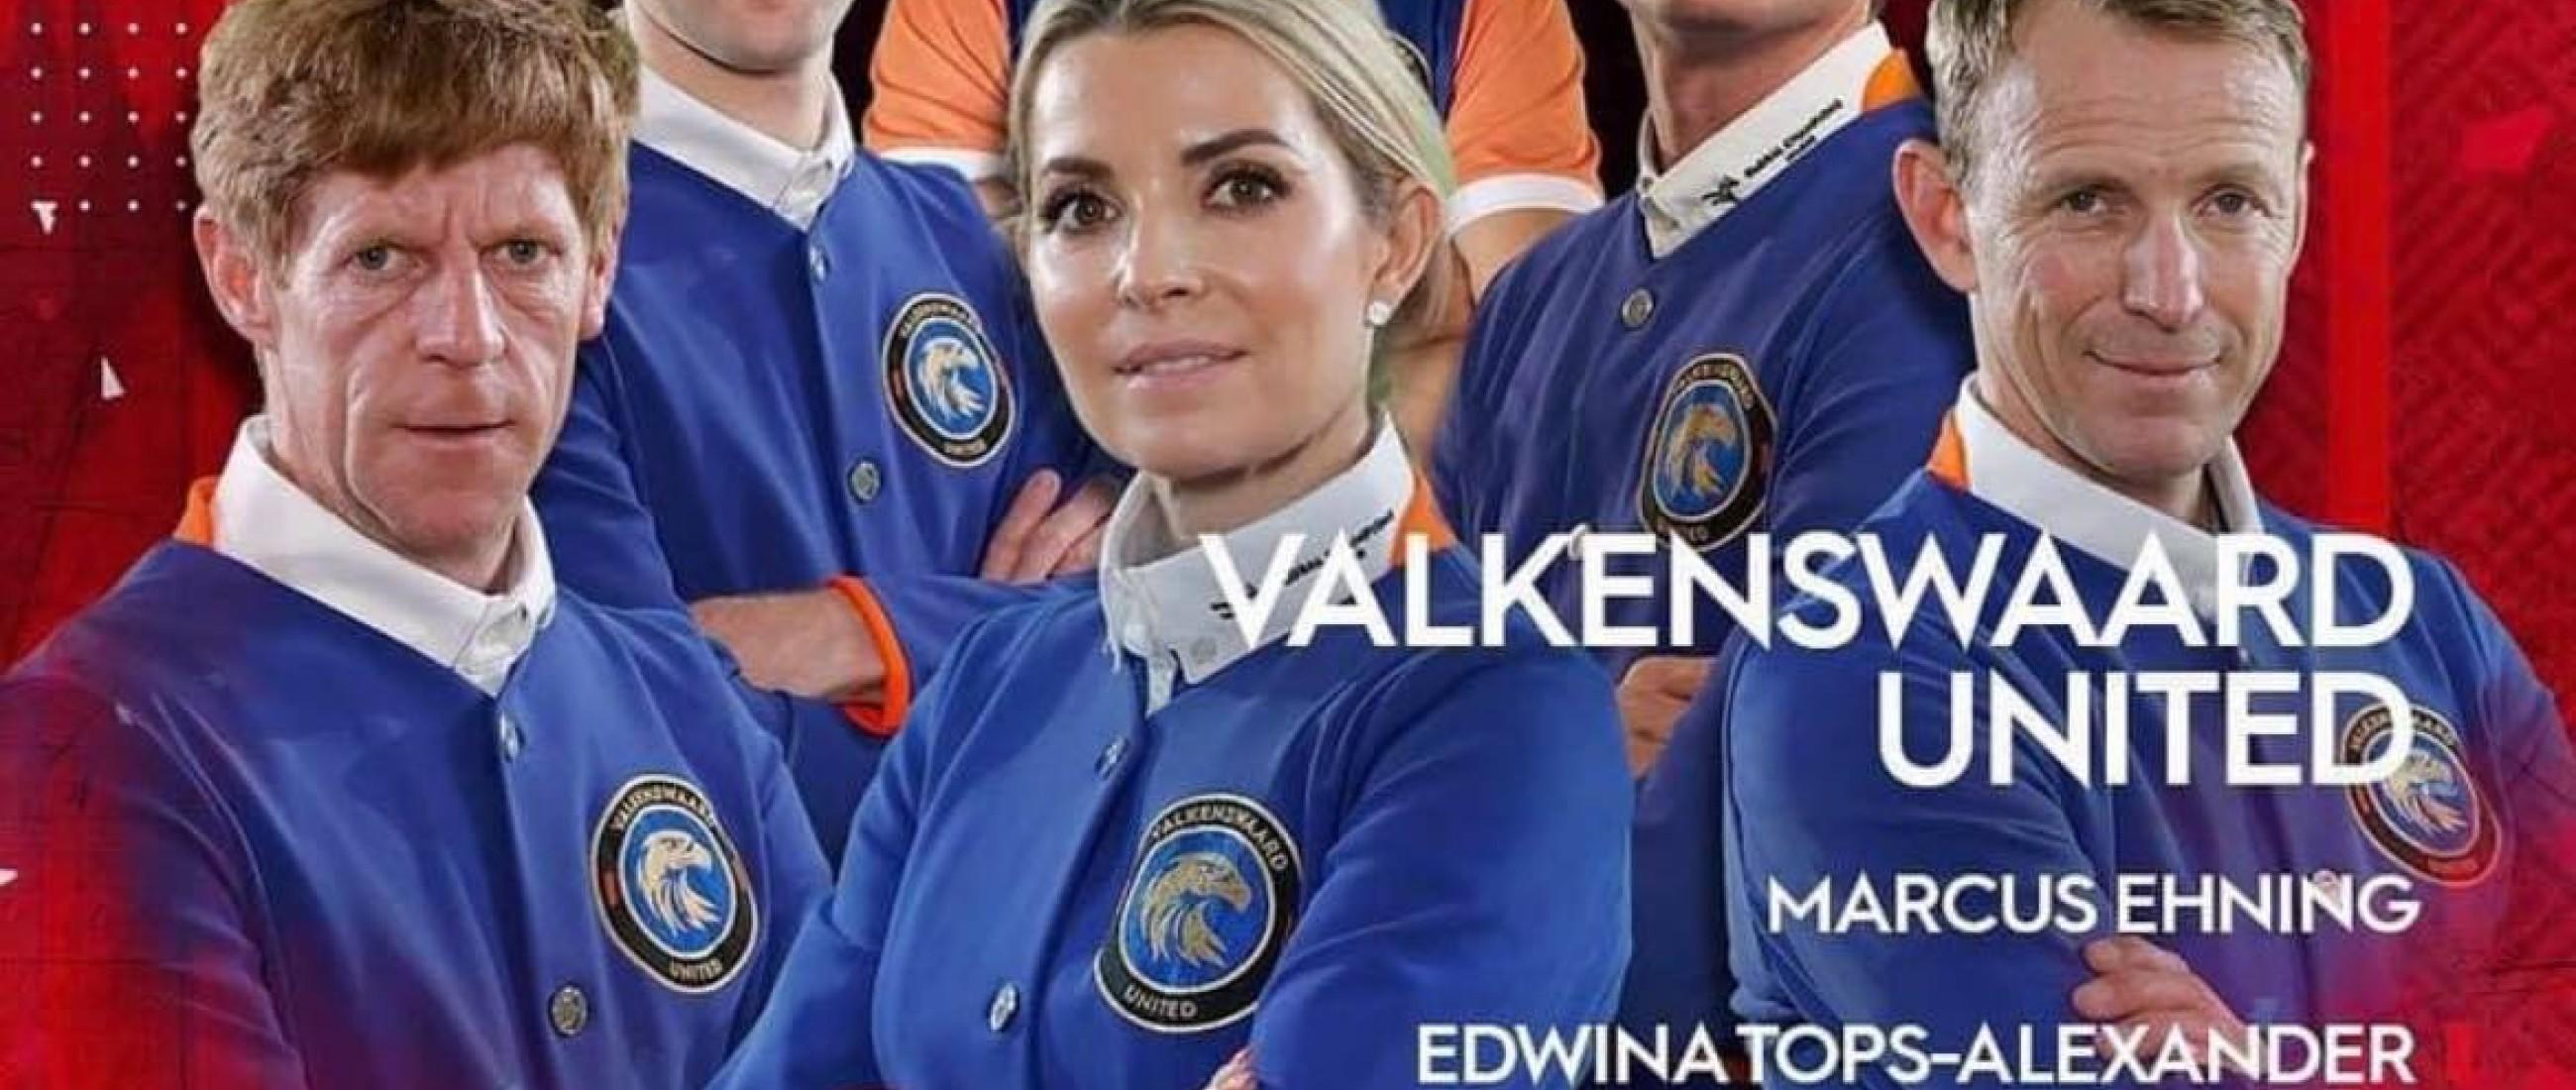 Team Valkenswaard United